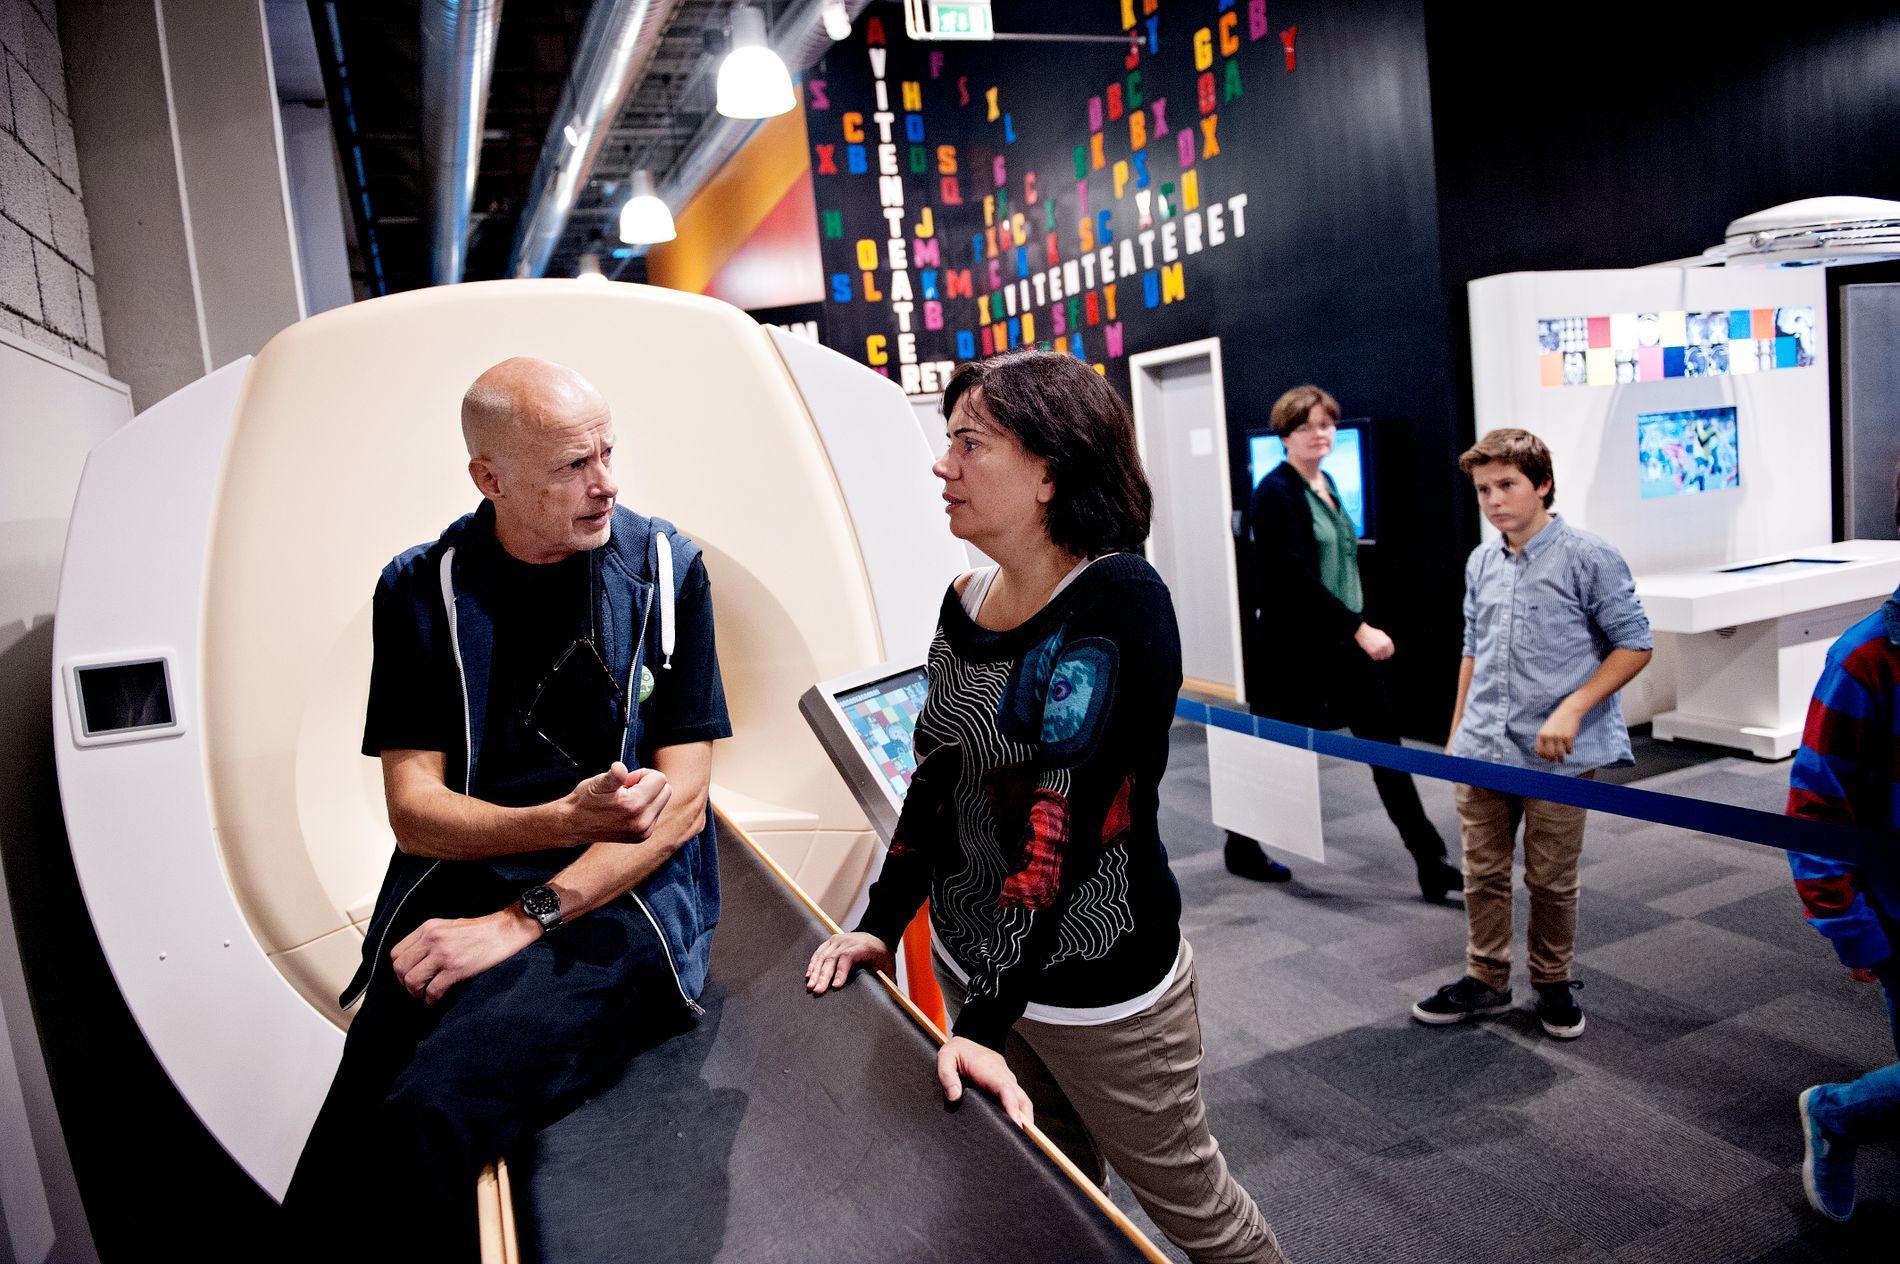 FORSKER PÅ HJERNEN: Professor Kenneth Hugdahl jobber mye med å skanne hjernen. Her sammen med genforsker Stephanie Le Hellard på en utstilling på Vil Vite i 2012.